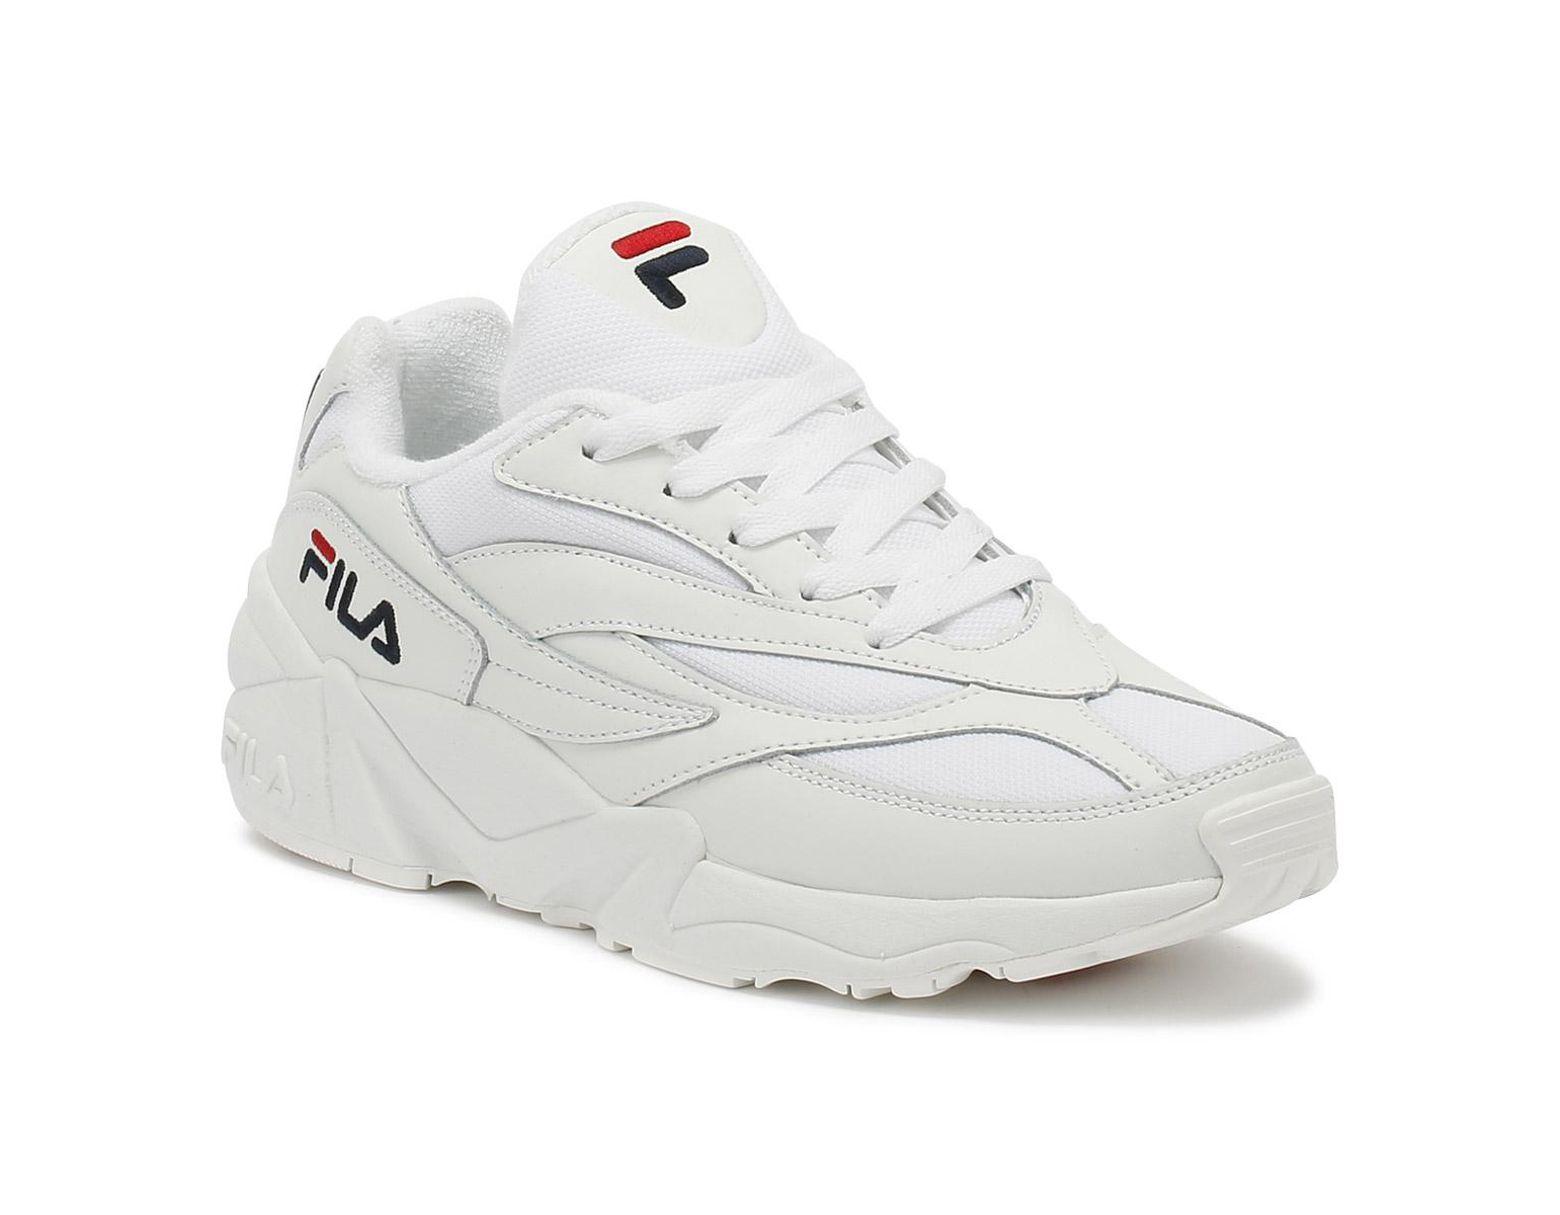 b79e04410 Fila Venom Low Womens White Trainers in White - Lyst